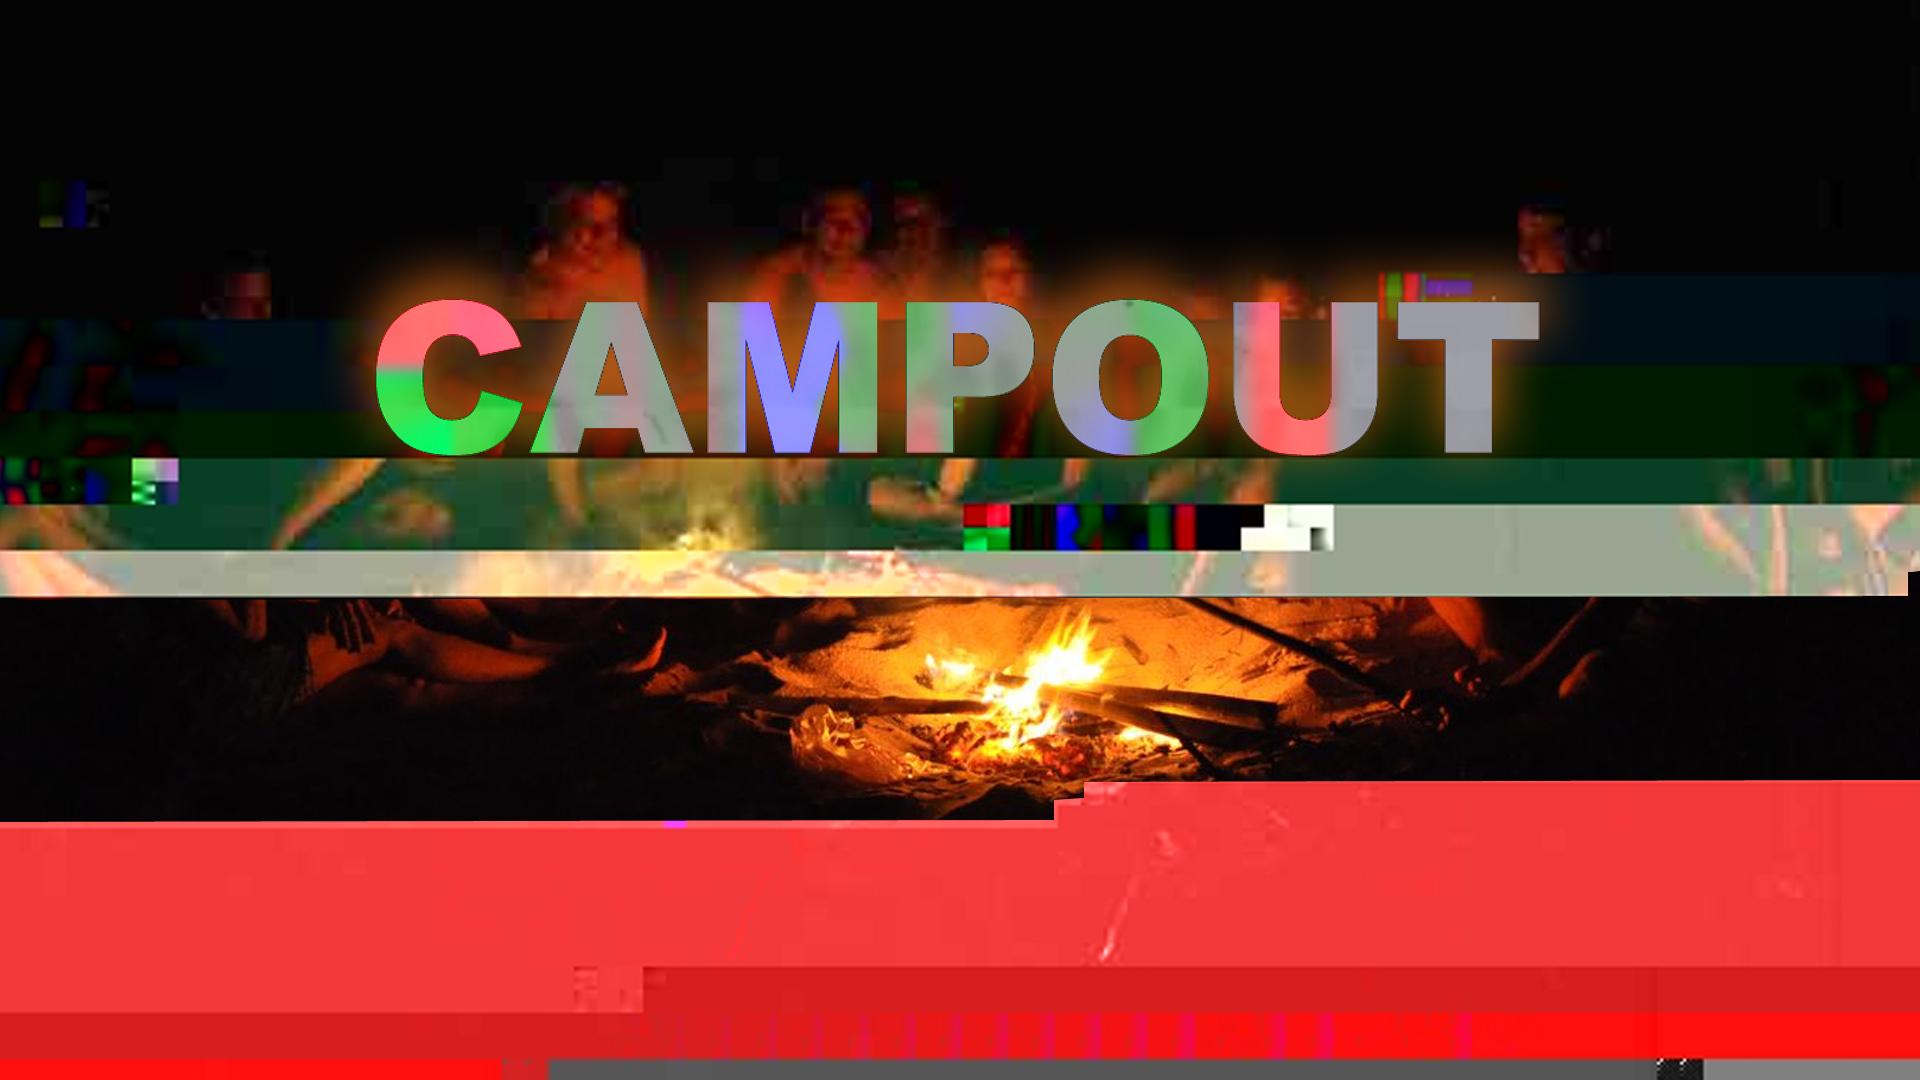 Campout fb banner  1920